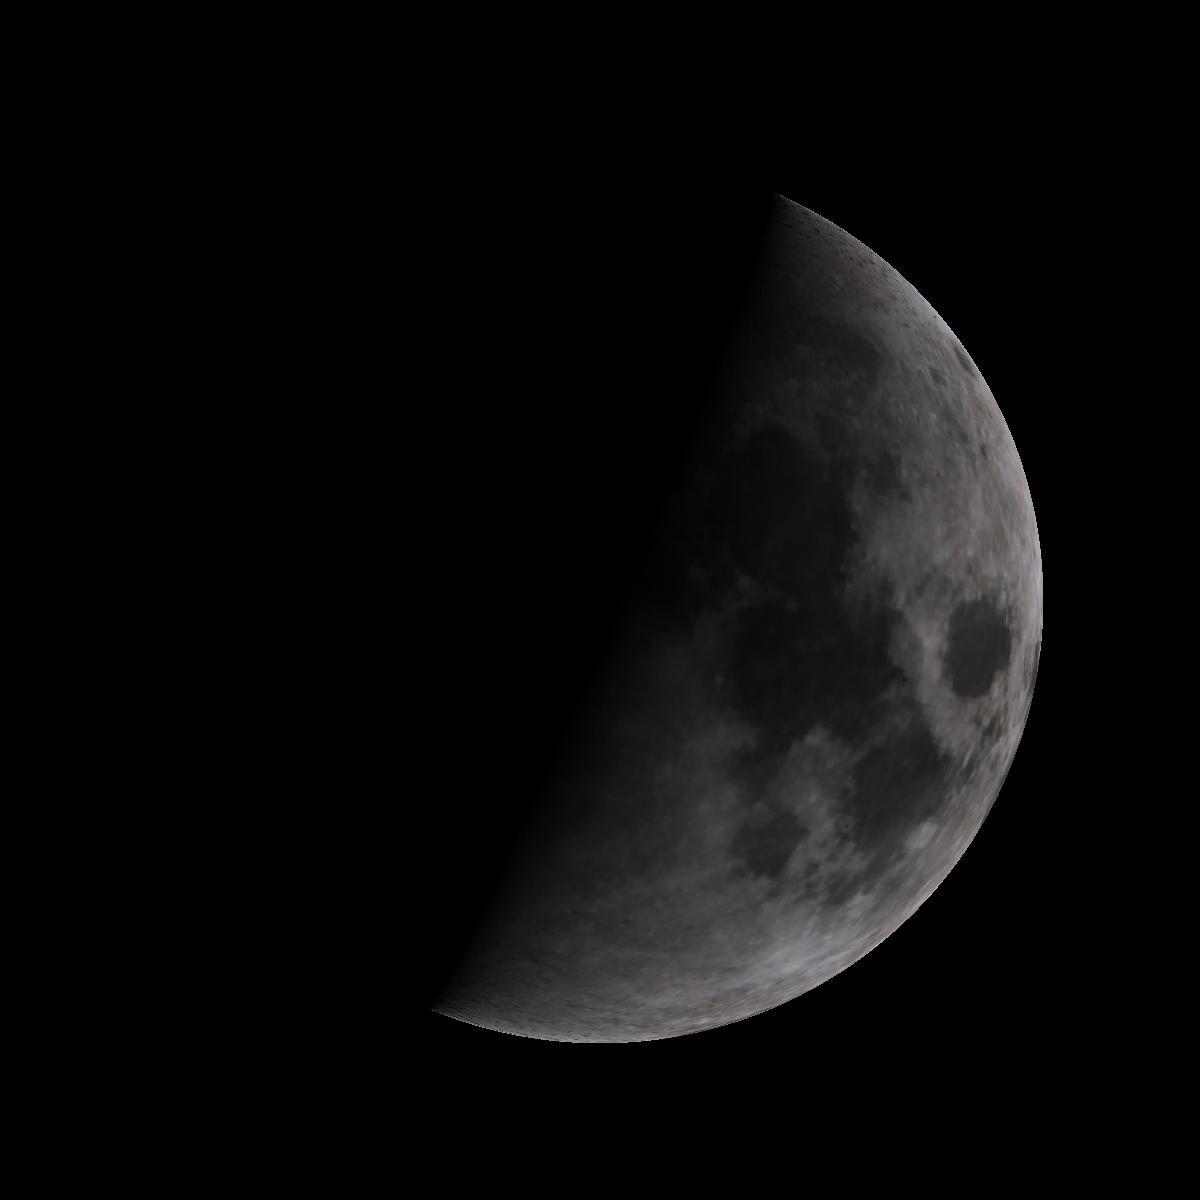 Lune du 3 janvier 2020